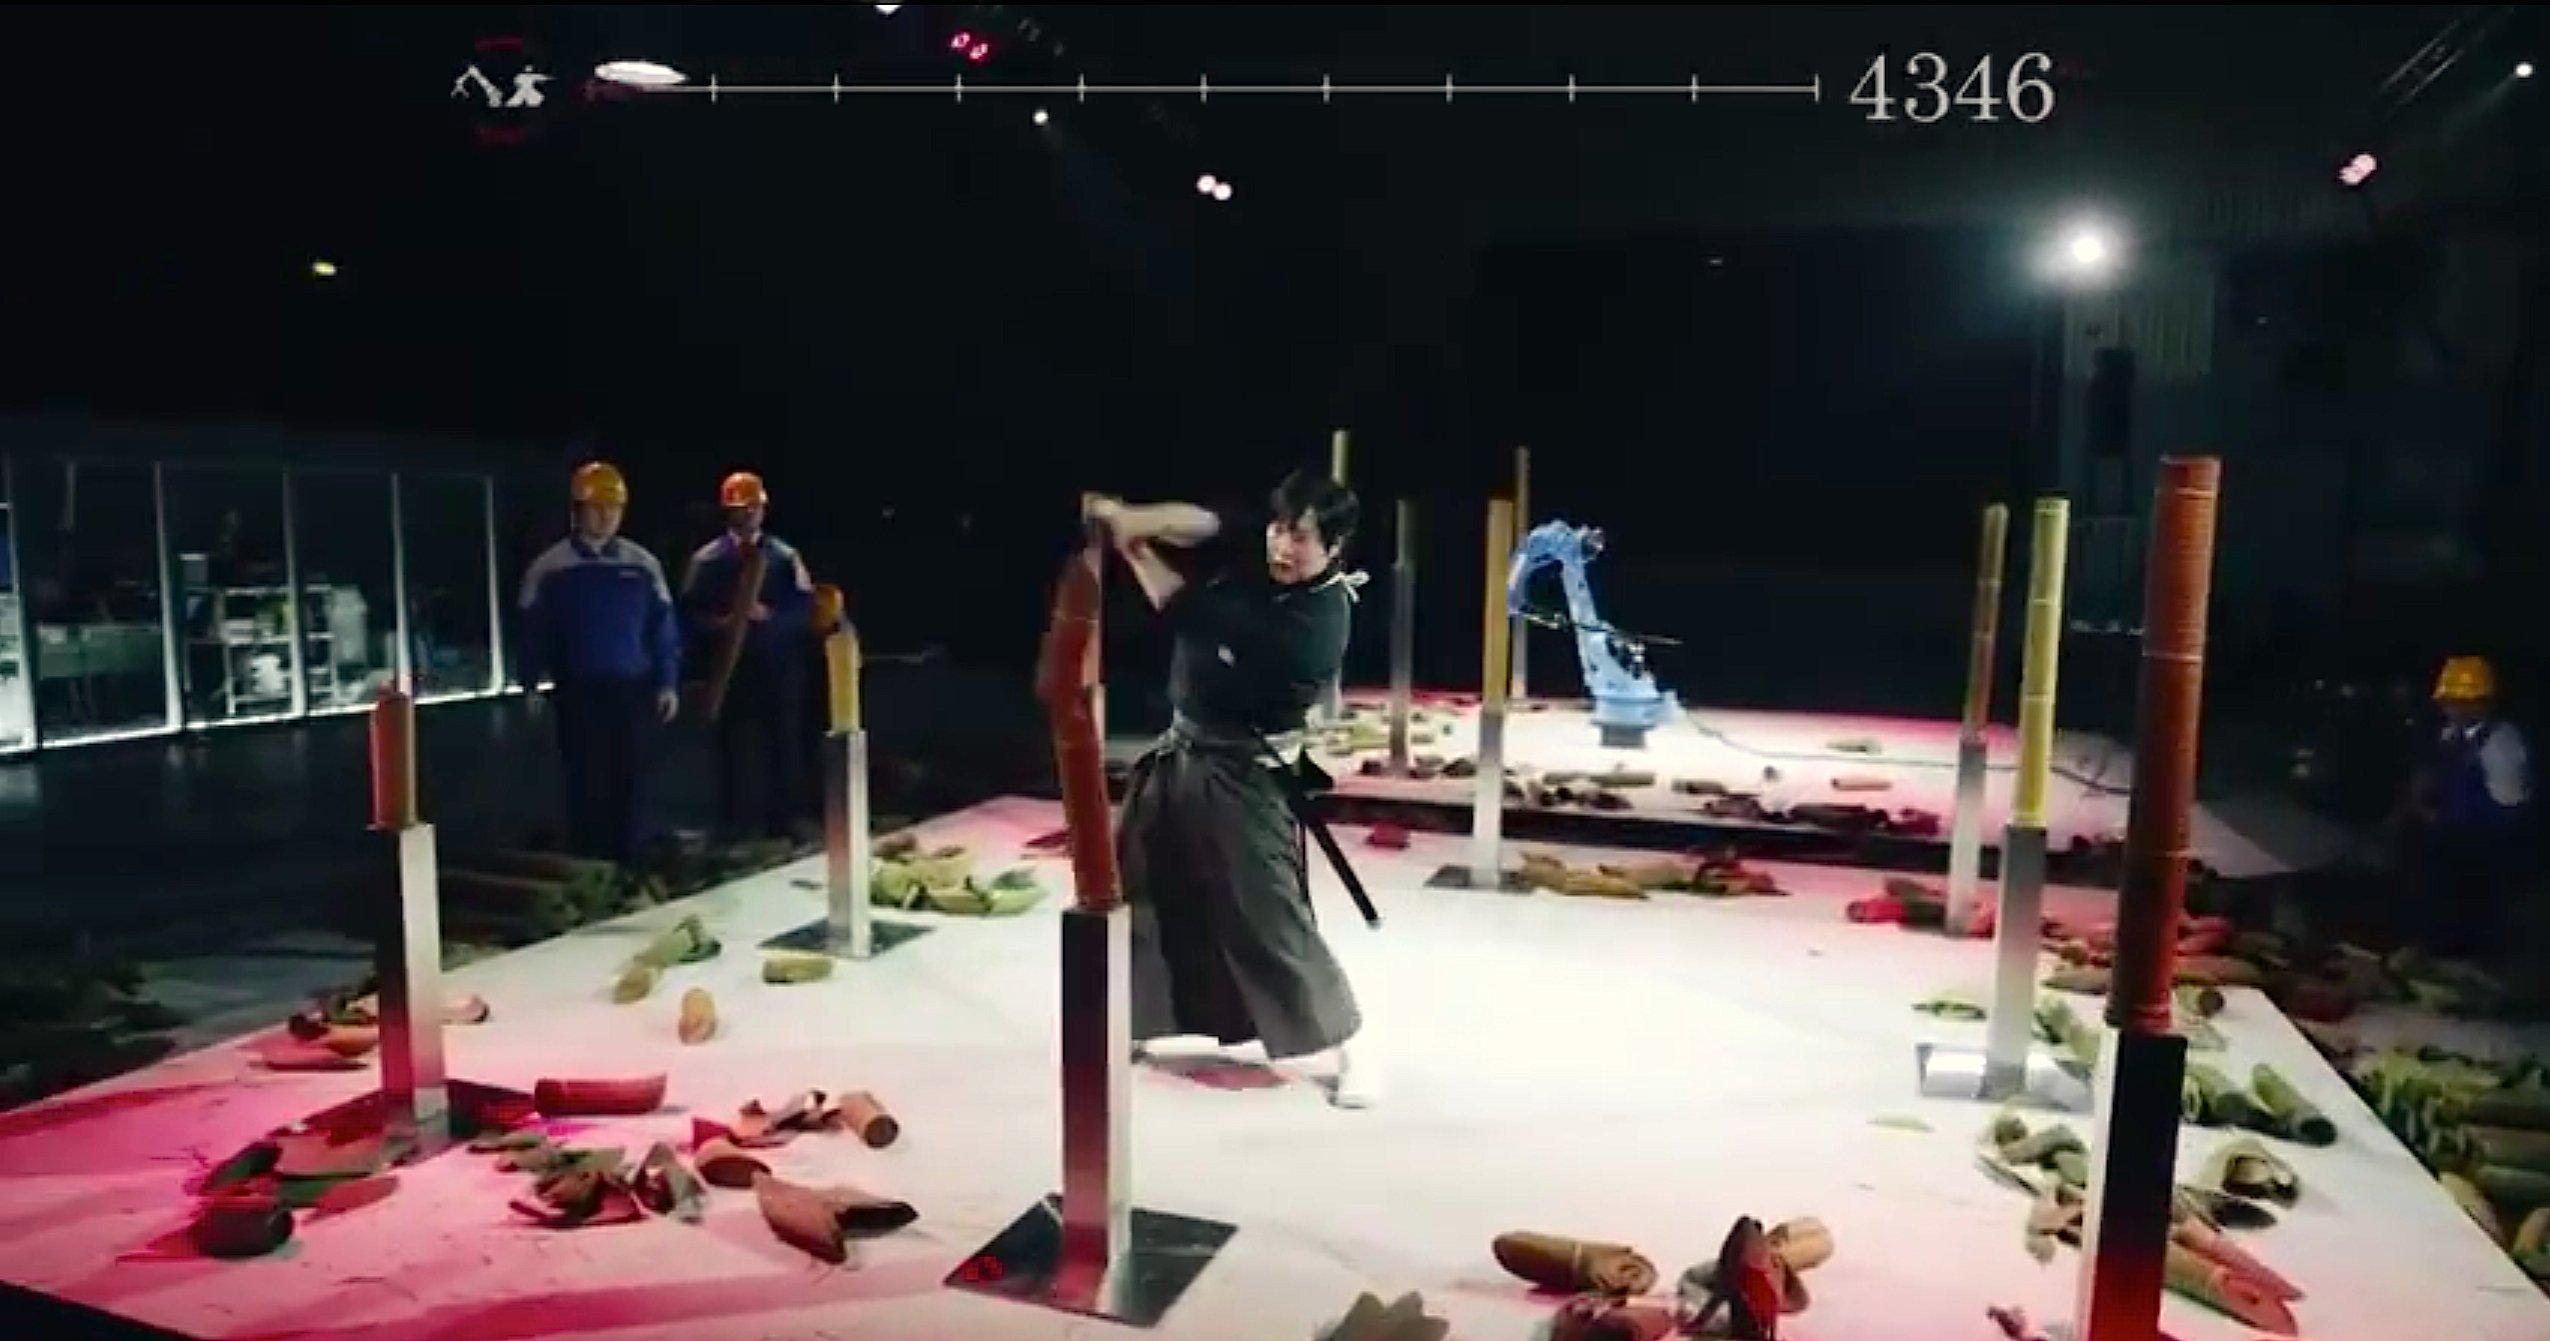 Nach dem Finale: Samurai Isao Machii und der SchweißroboterMotoman-MH24 haben zusammengerollte Bastmatten in Tausende von Stücken zerschnitten.